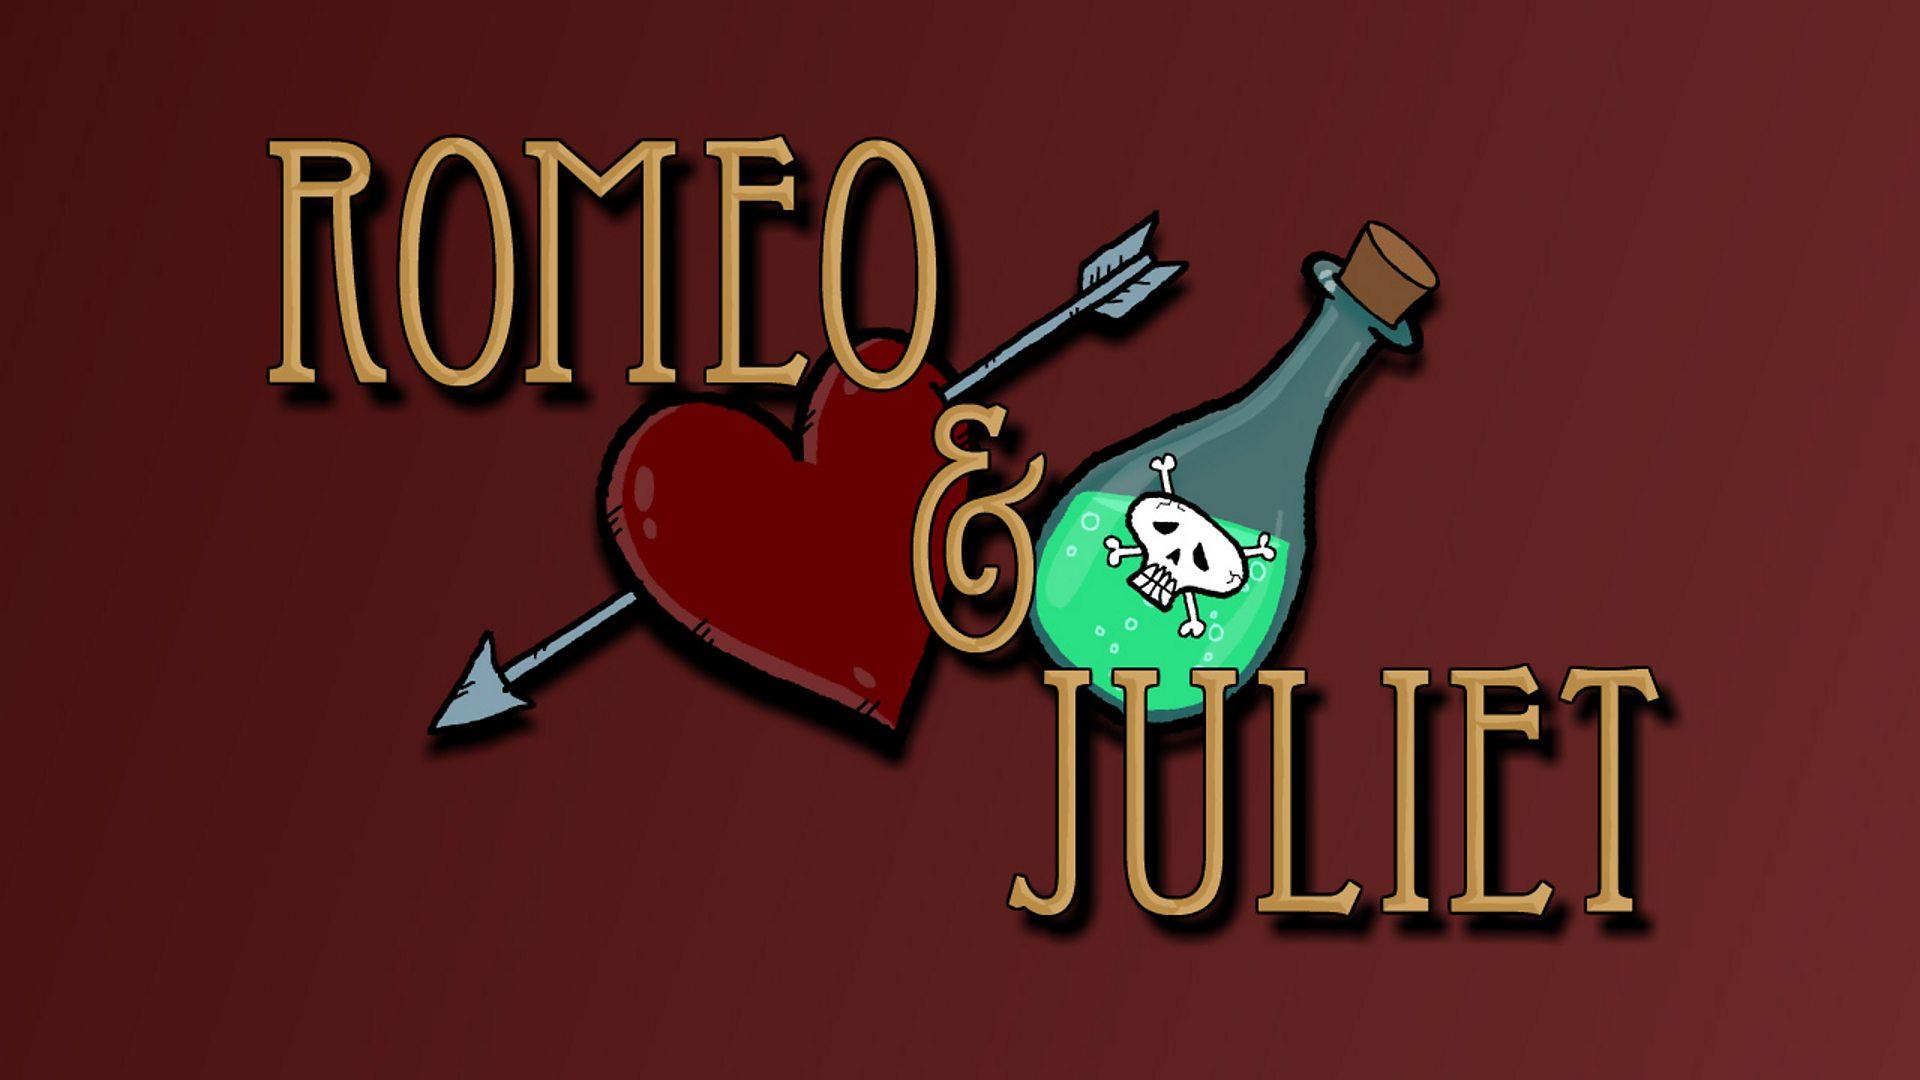 Juliet&#39